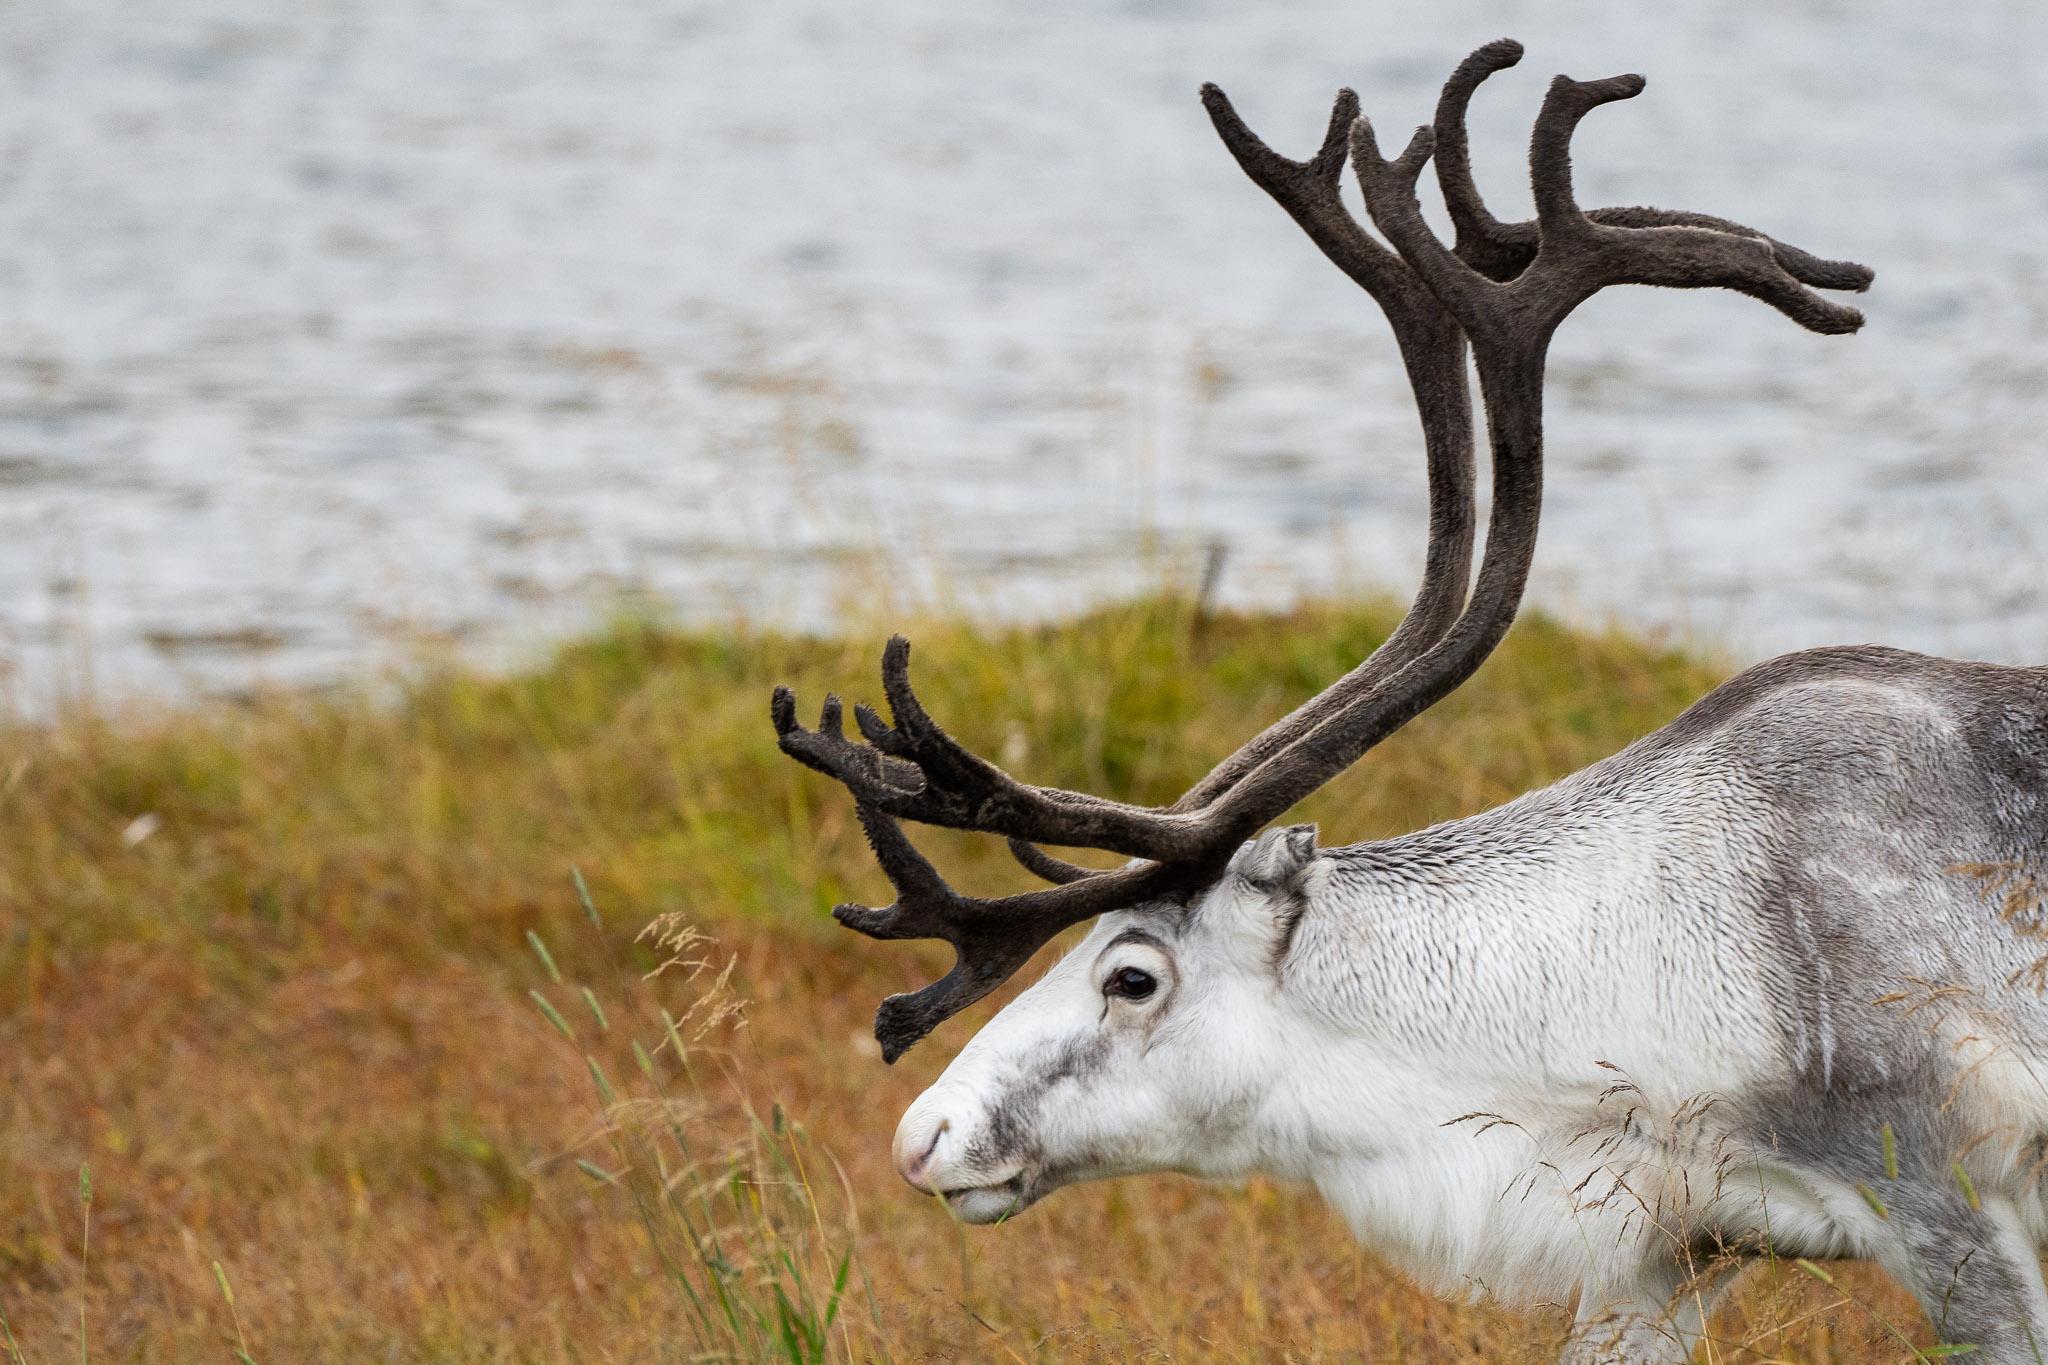 Rudolf im Vorgarten